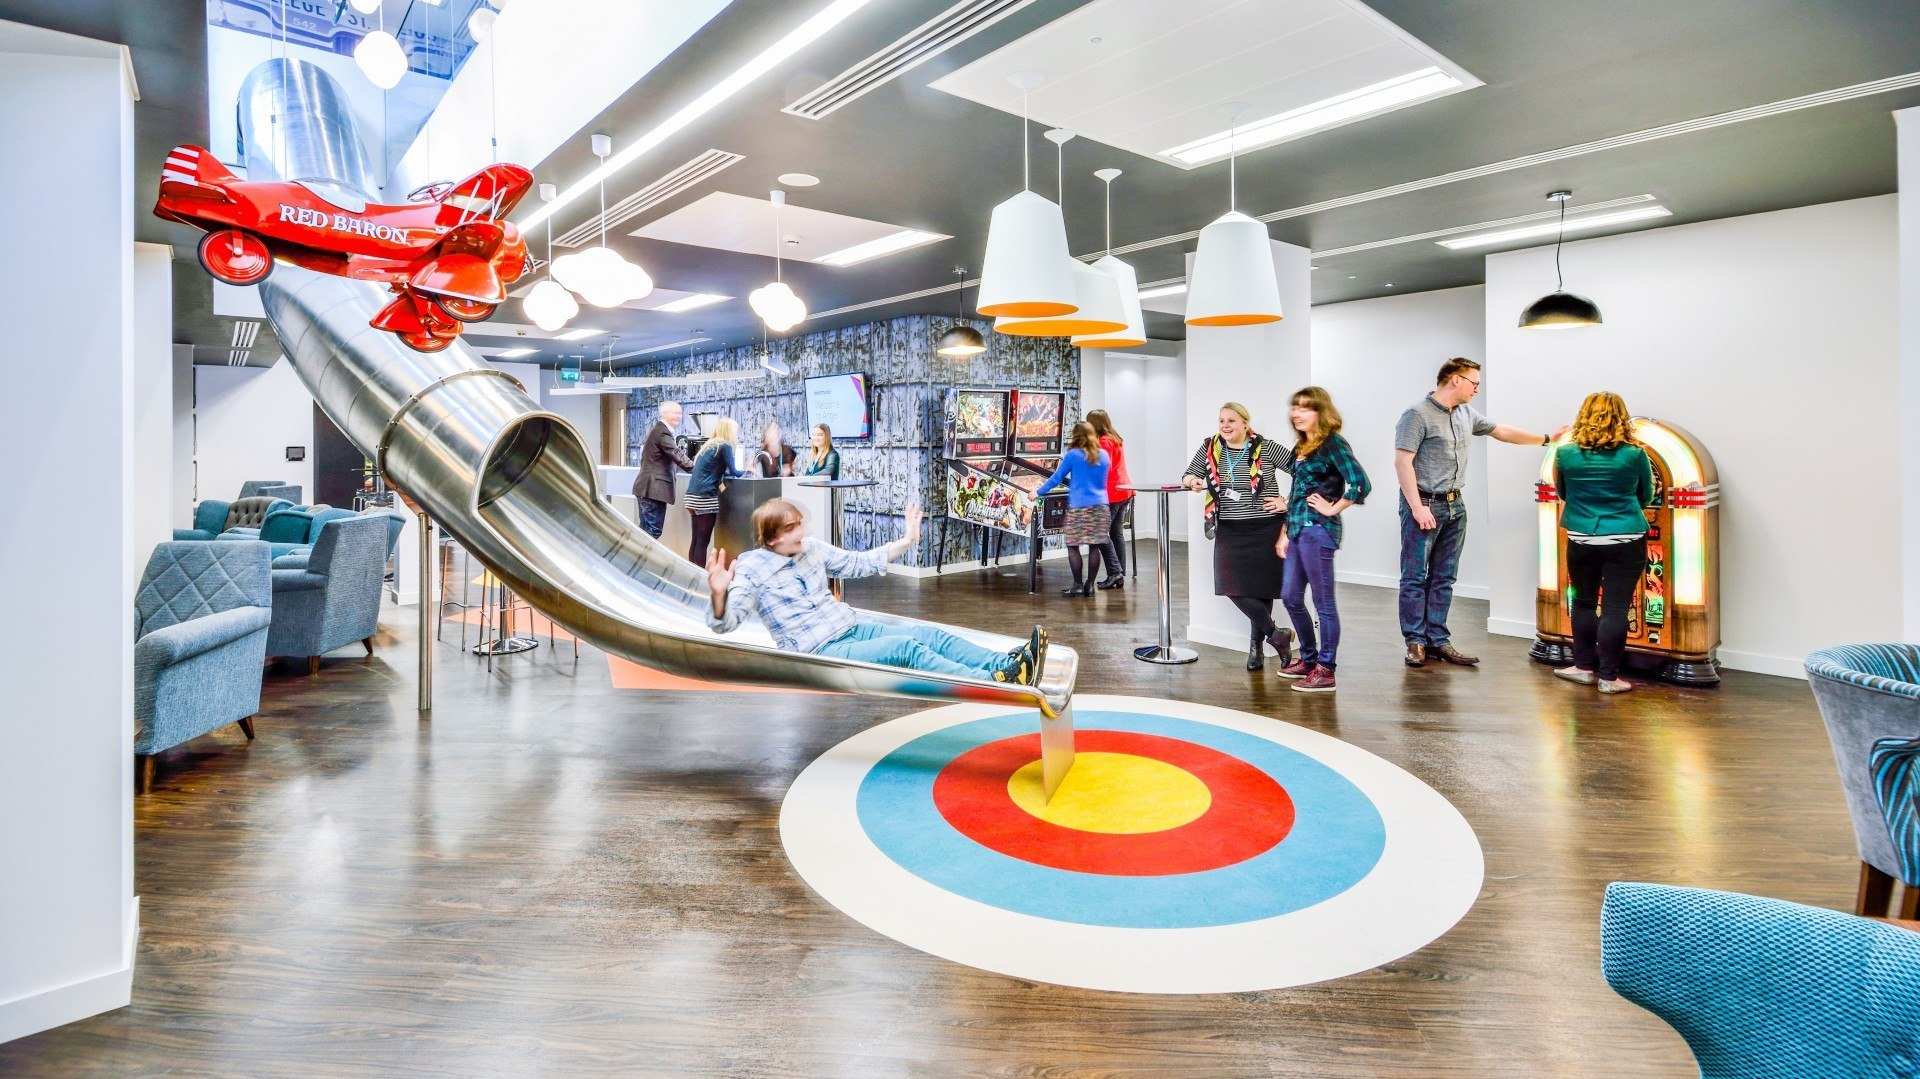 Cool Apple Related Pics Google Search: Londra, Opportunità Di Stage Retribuito Nel Settore Marketing